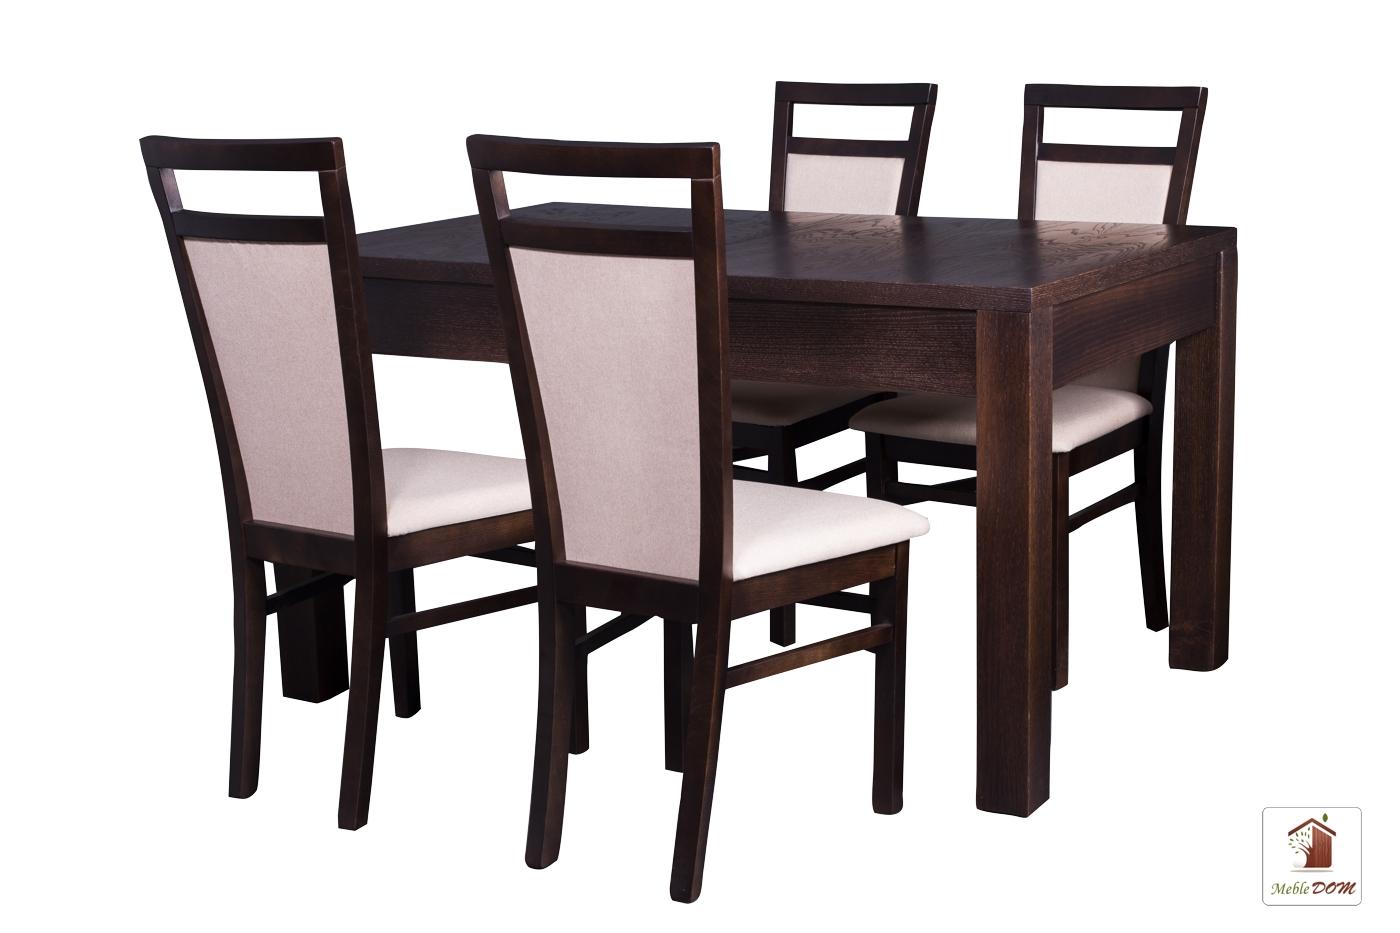 Prostokątny stół rozkładany Strong z krzesłami Paloma